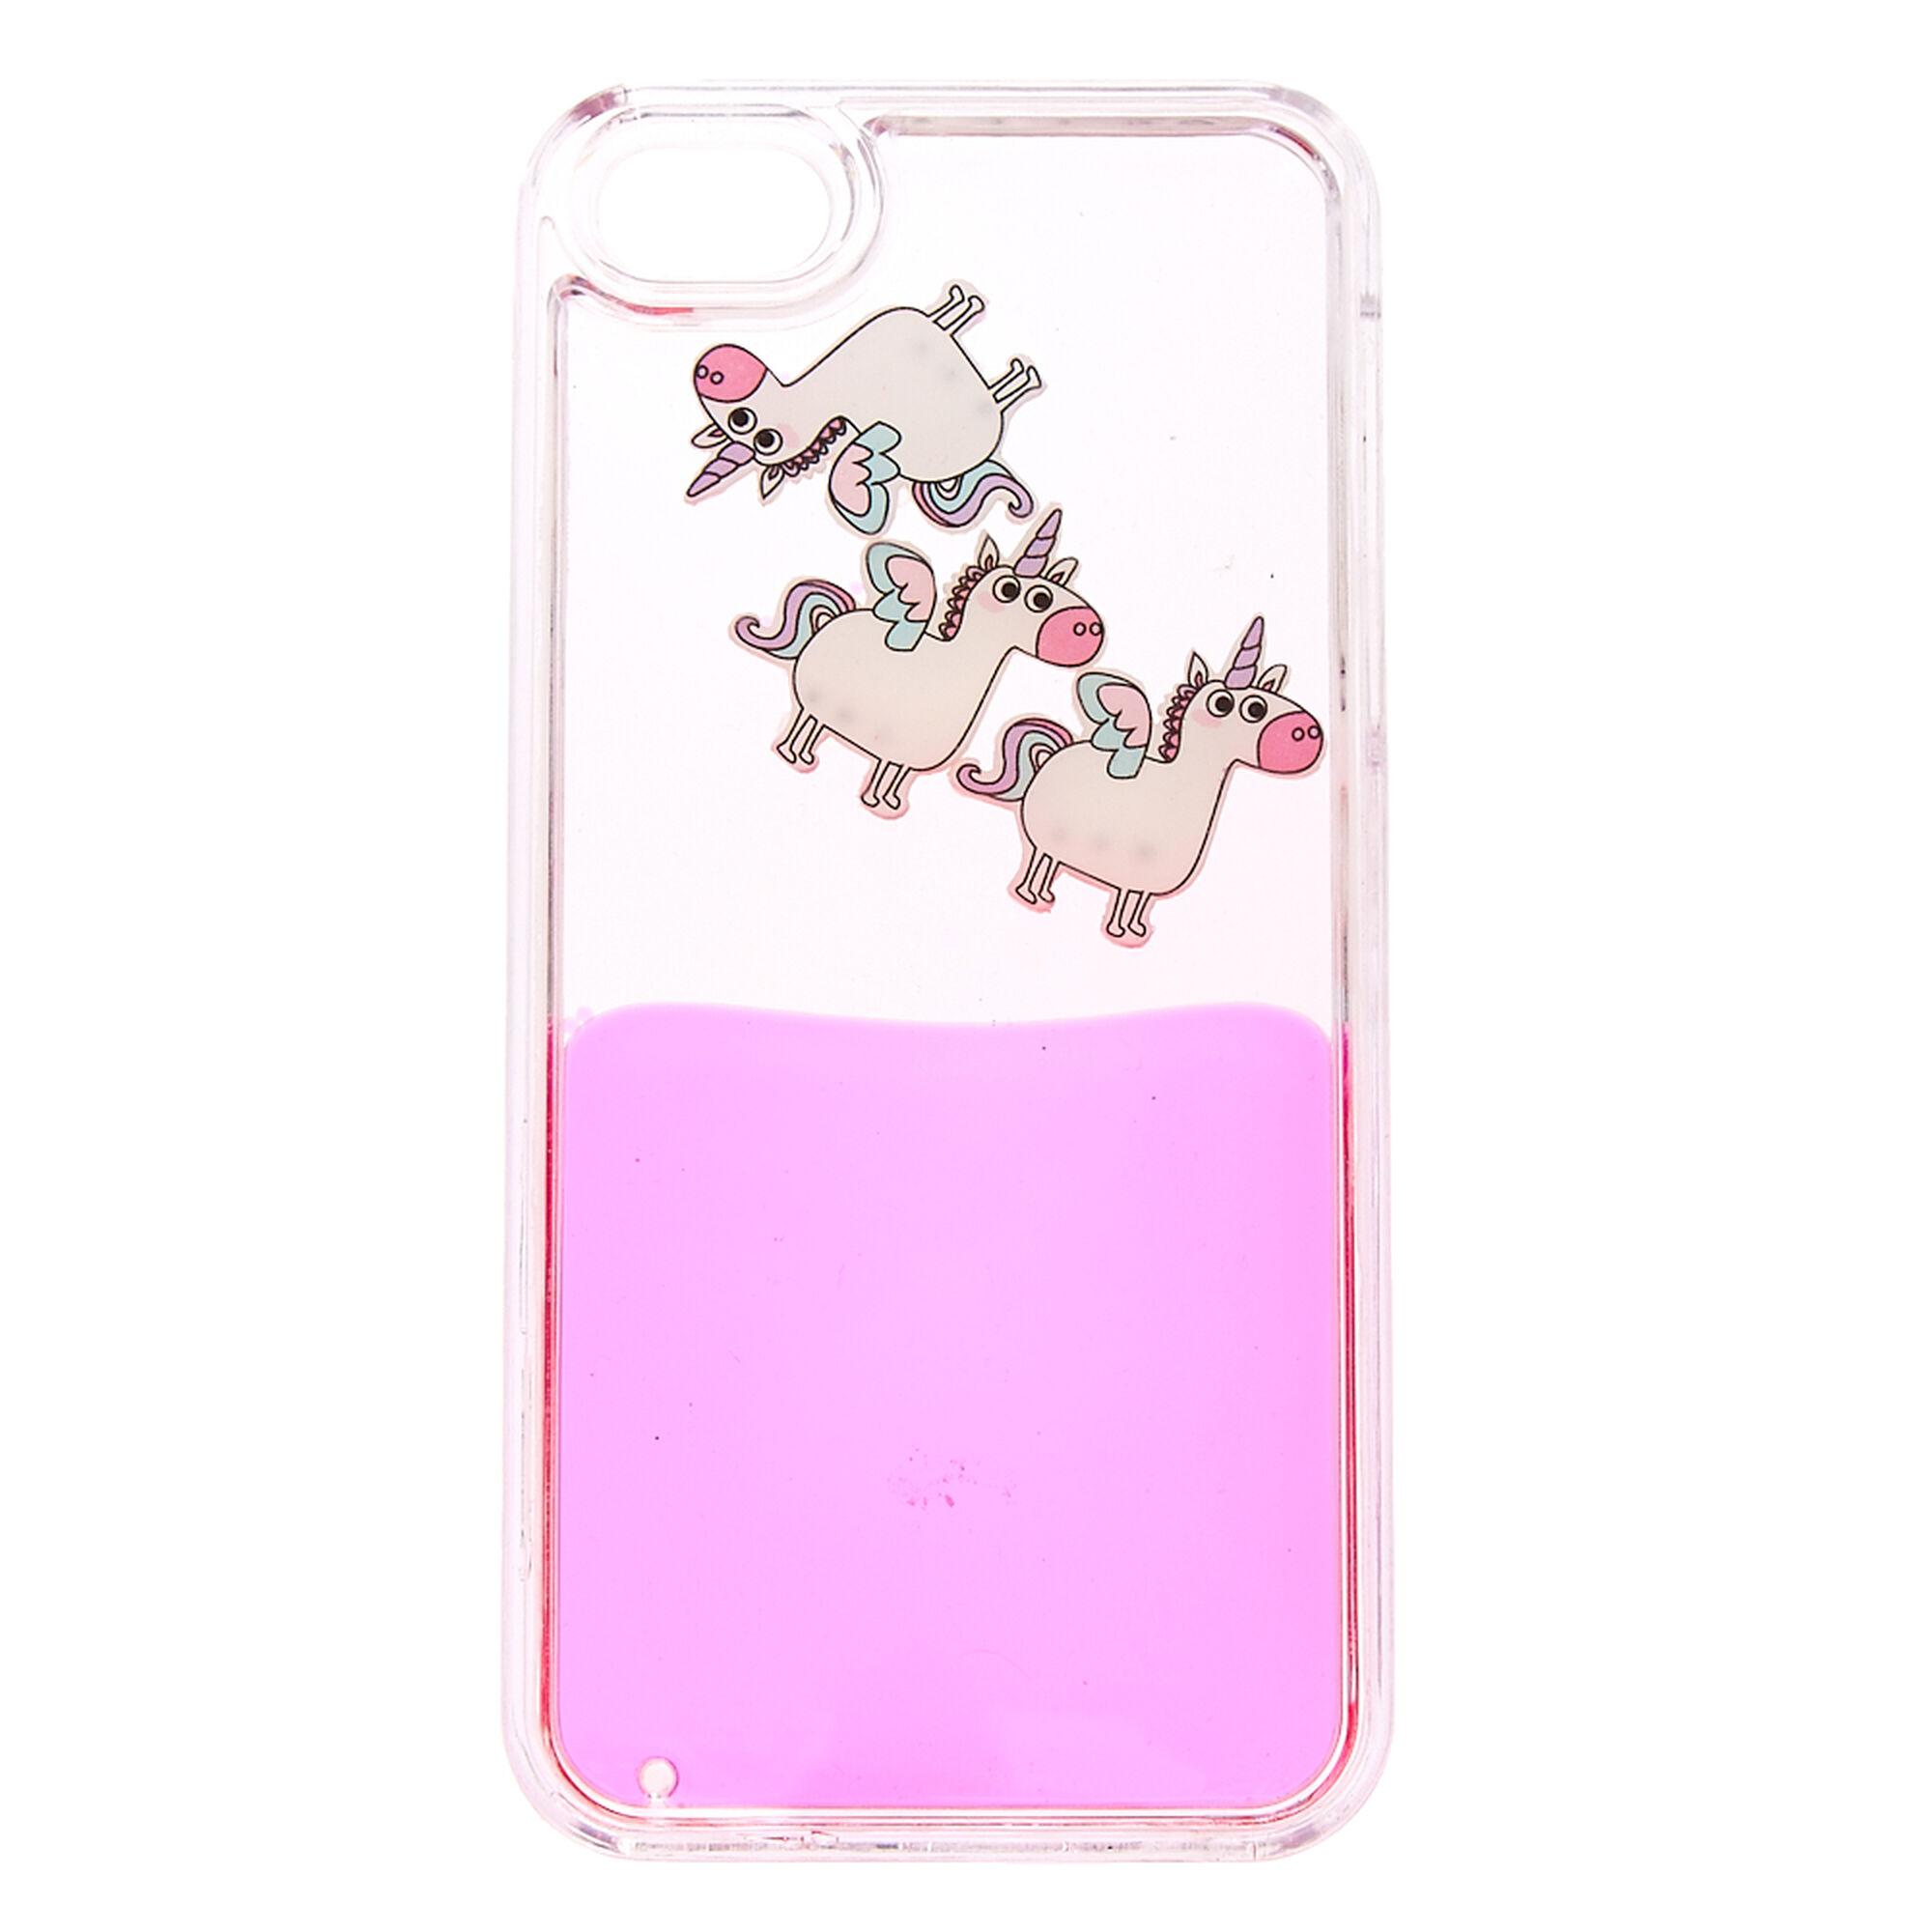 Unicorn Liquid Filled Phone Case  Claire's US